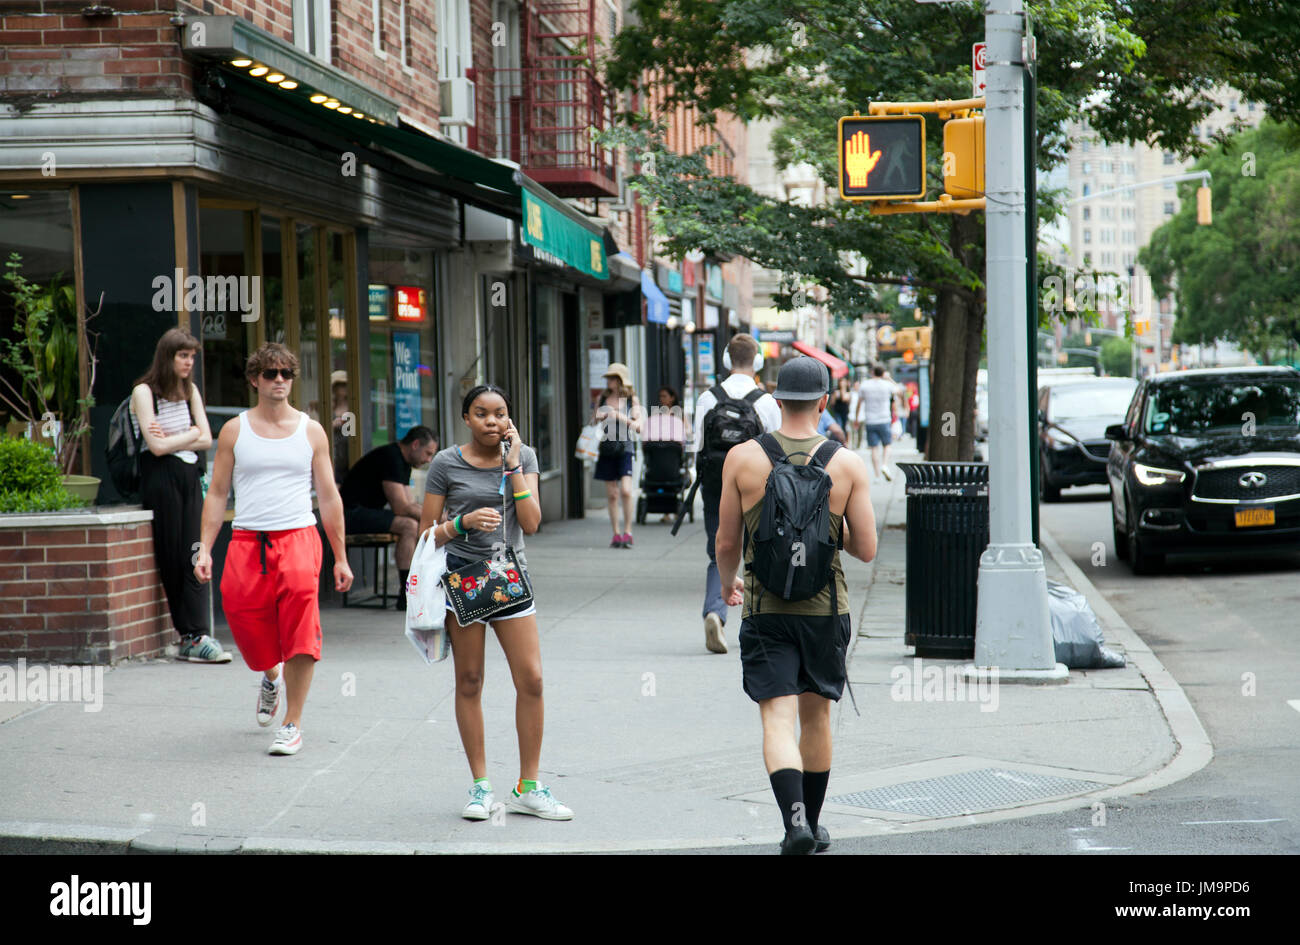 Pedestrians Nyc Sidewalk Stock Photos & Pedestrians Nyc Sidewalk